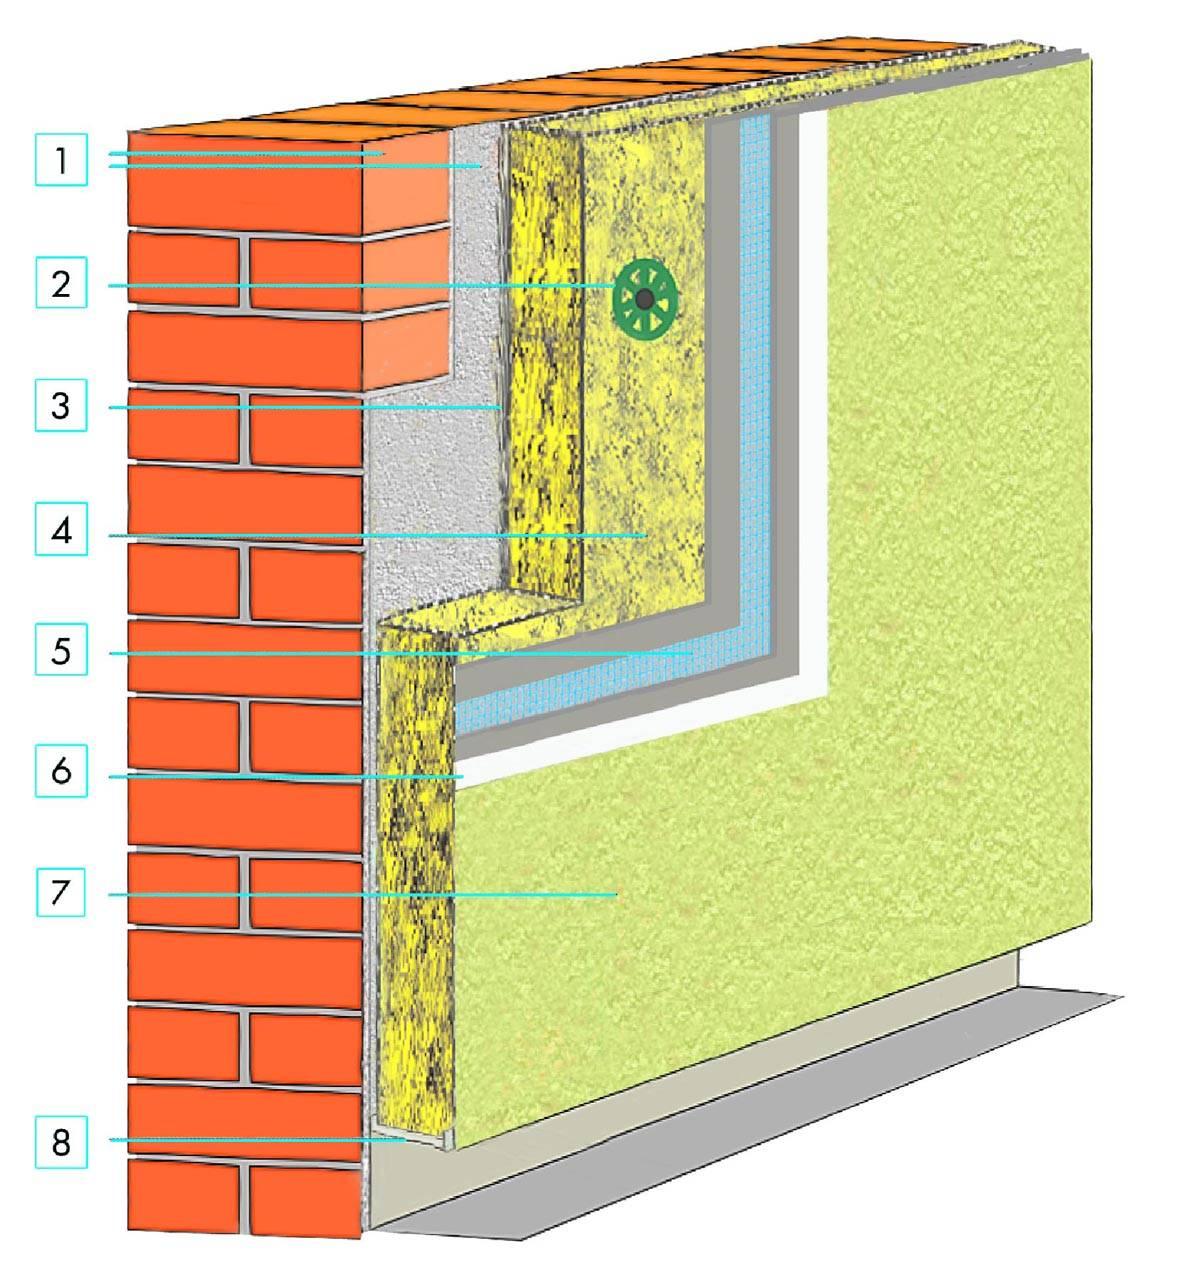 Утеплитель для стен внутри дома на даче: утепление дачного строения изнутри своими руками, монтаж теплоизоляции для потолка